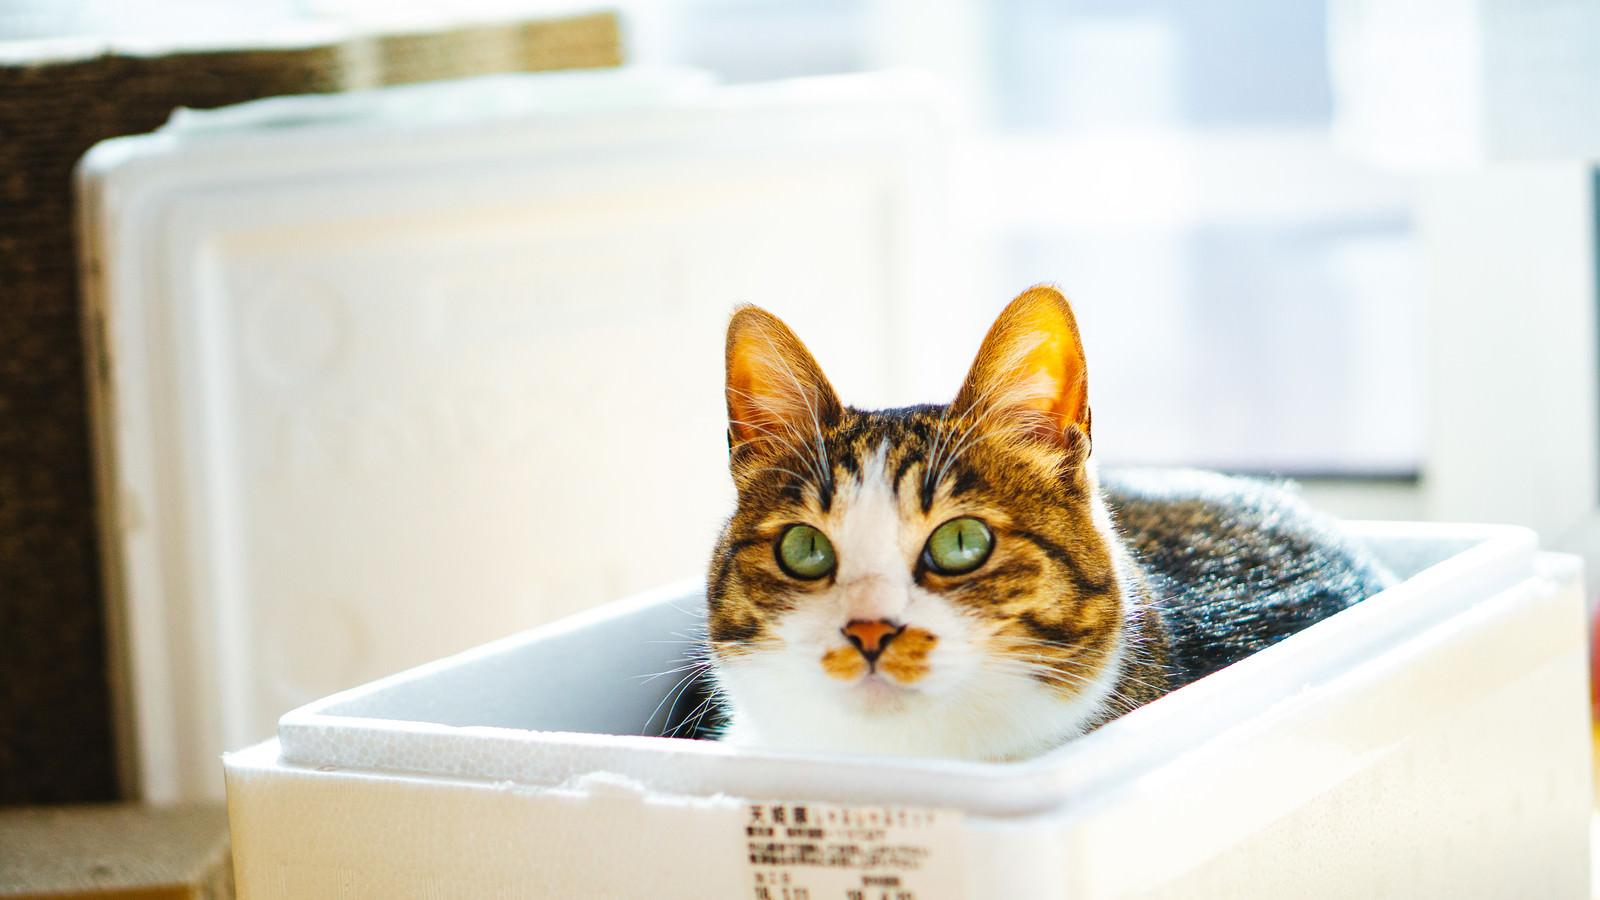 「箱猫」の写真